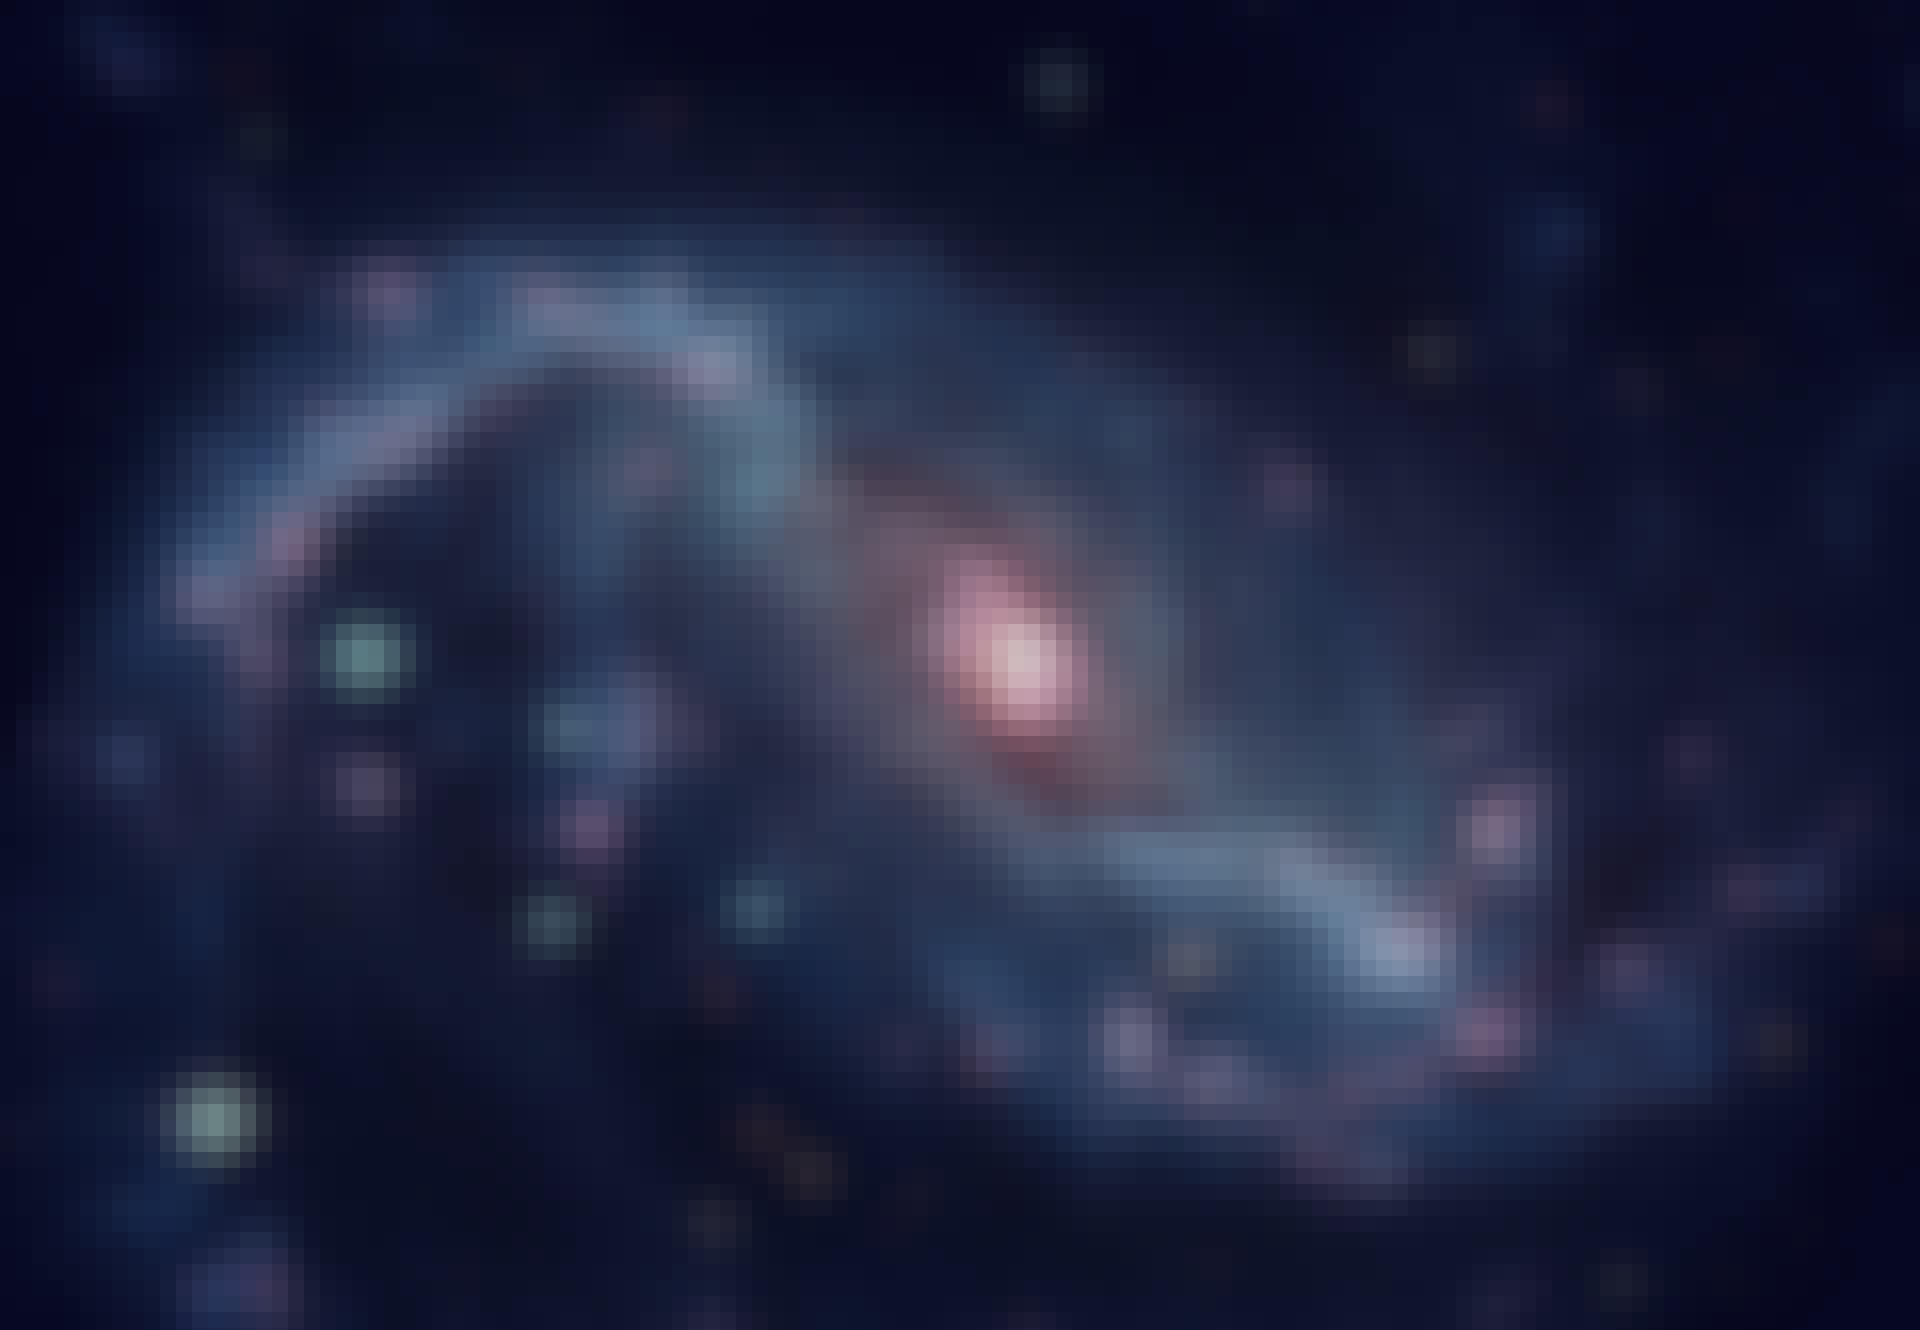 Spiral galakse i rummet